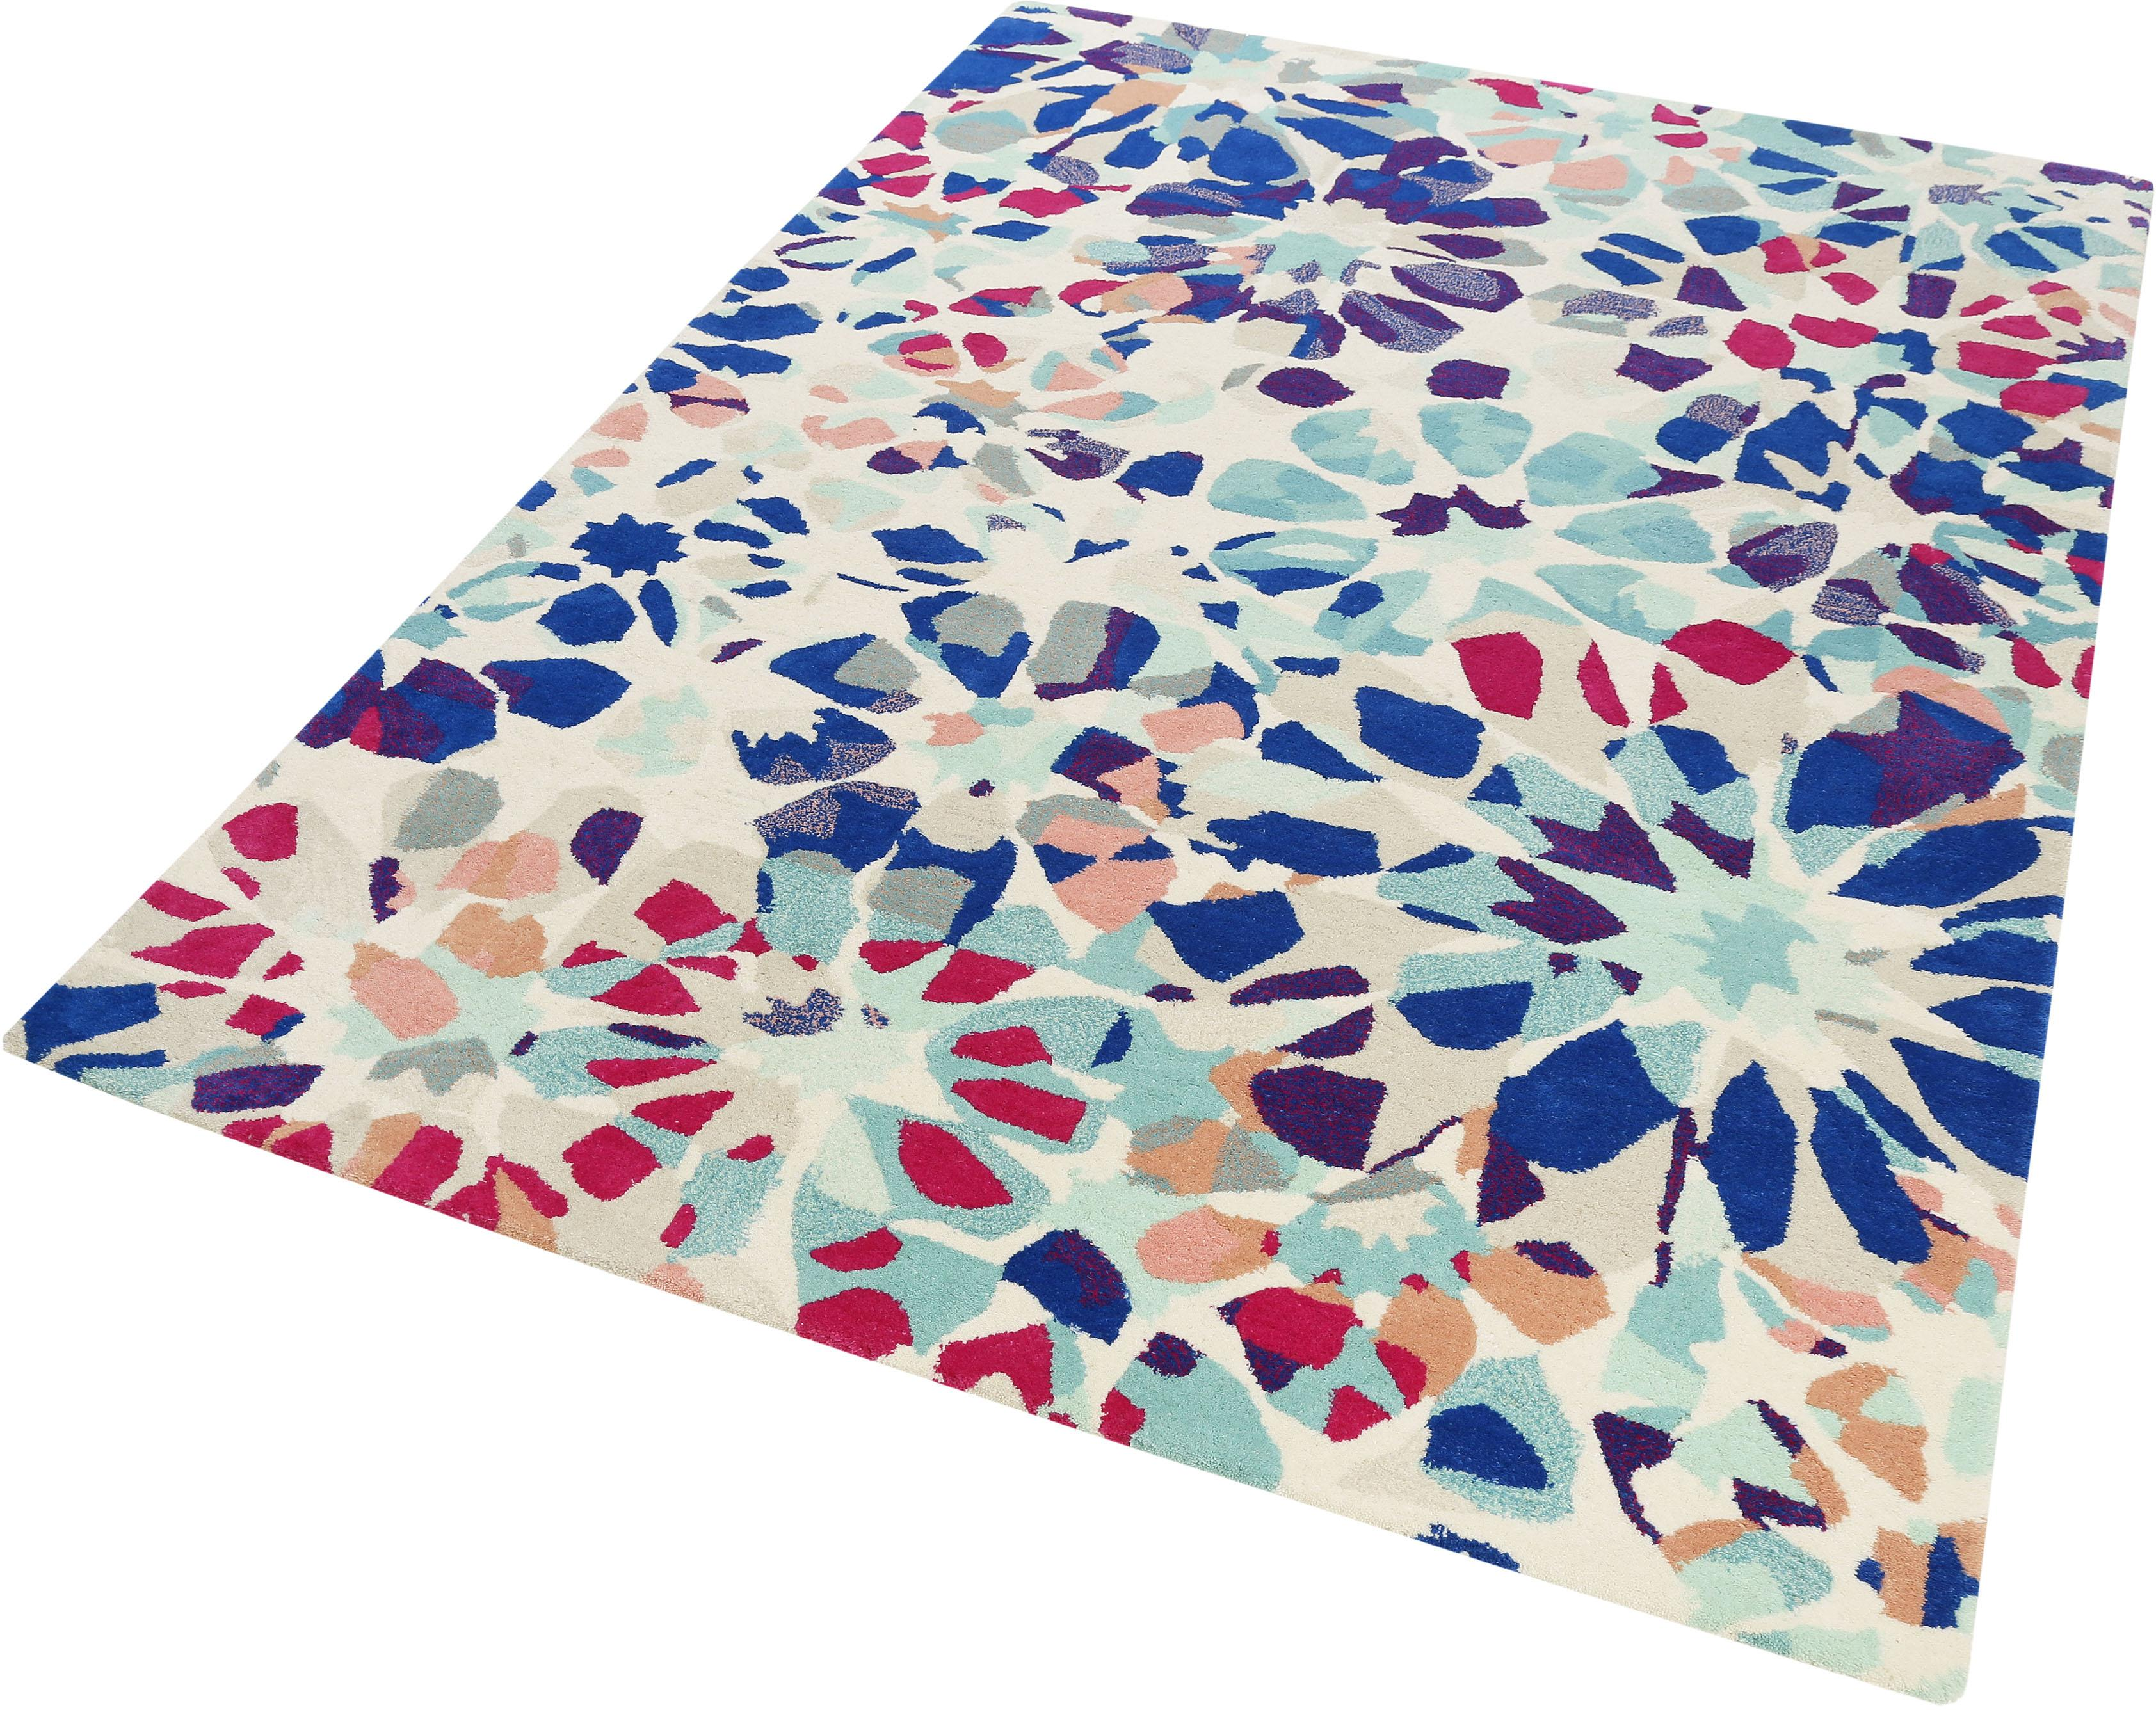 Wollteppich Kaleidoscopes Accessorize Home rechteckig Höhe 16 mm handgetuftet